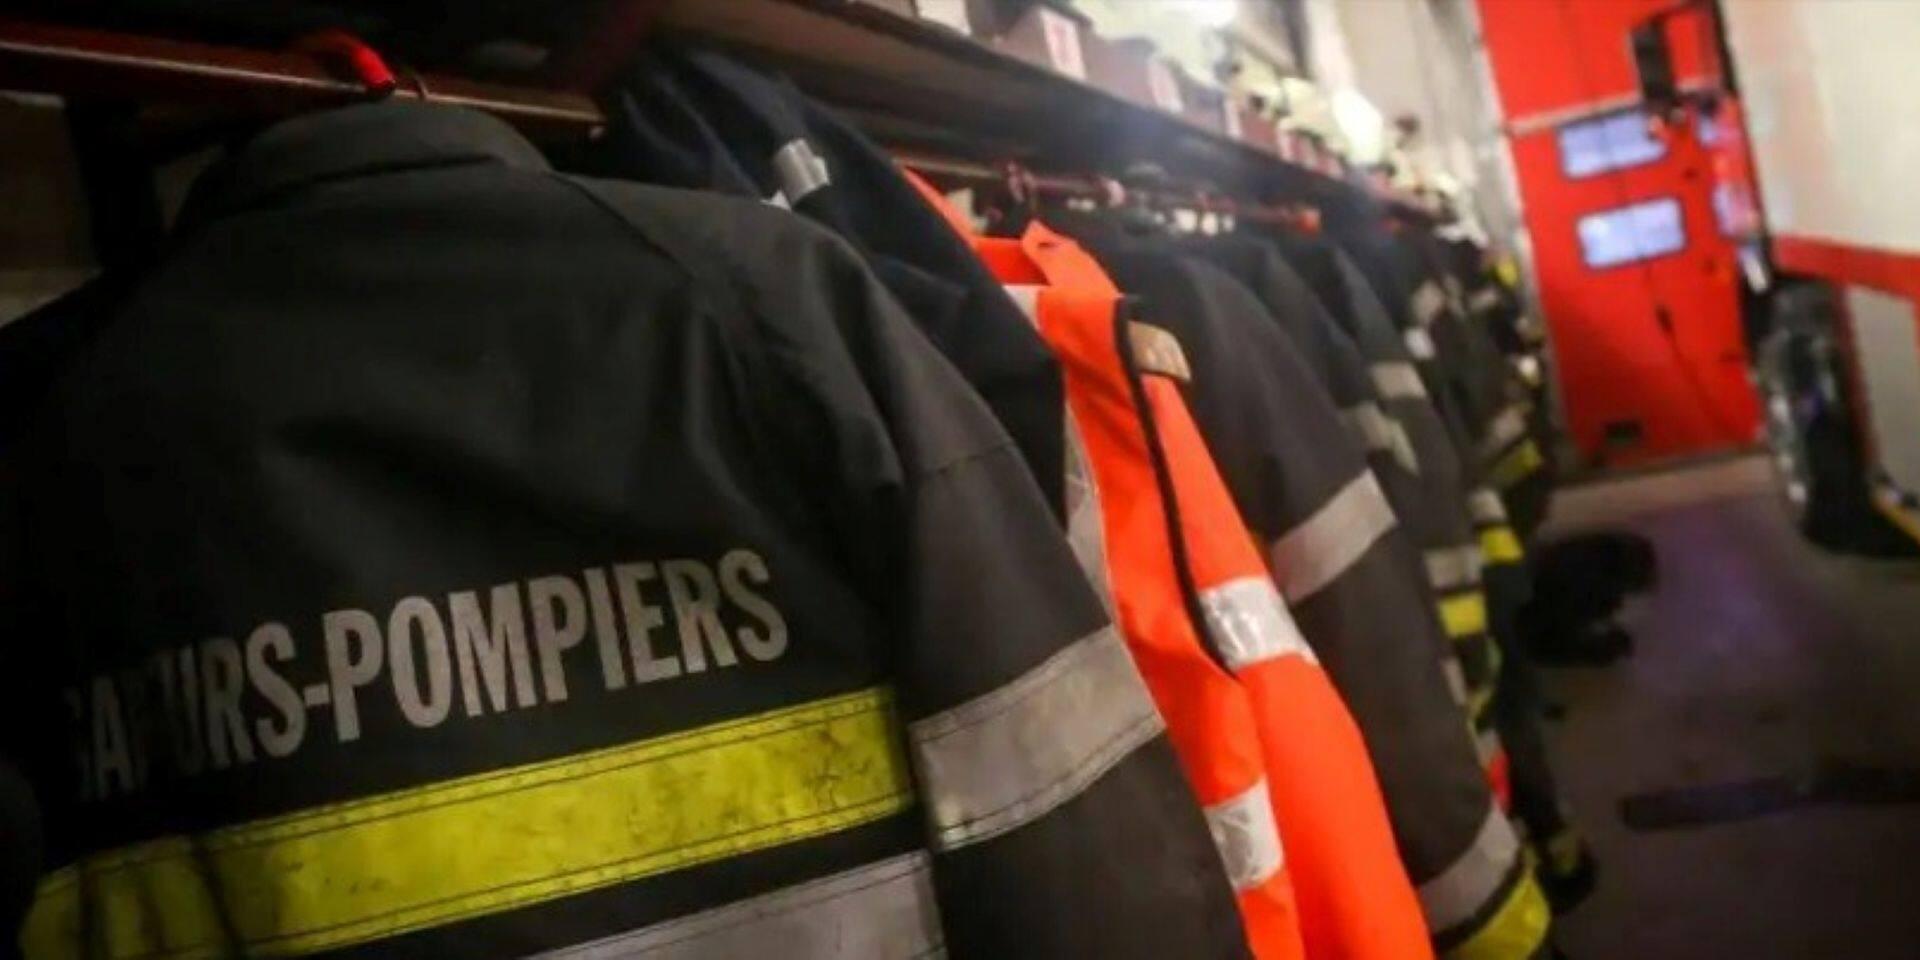 Incendie à Saint-Médard: une dame est décédée dans la maison en feu